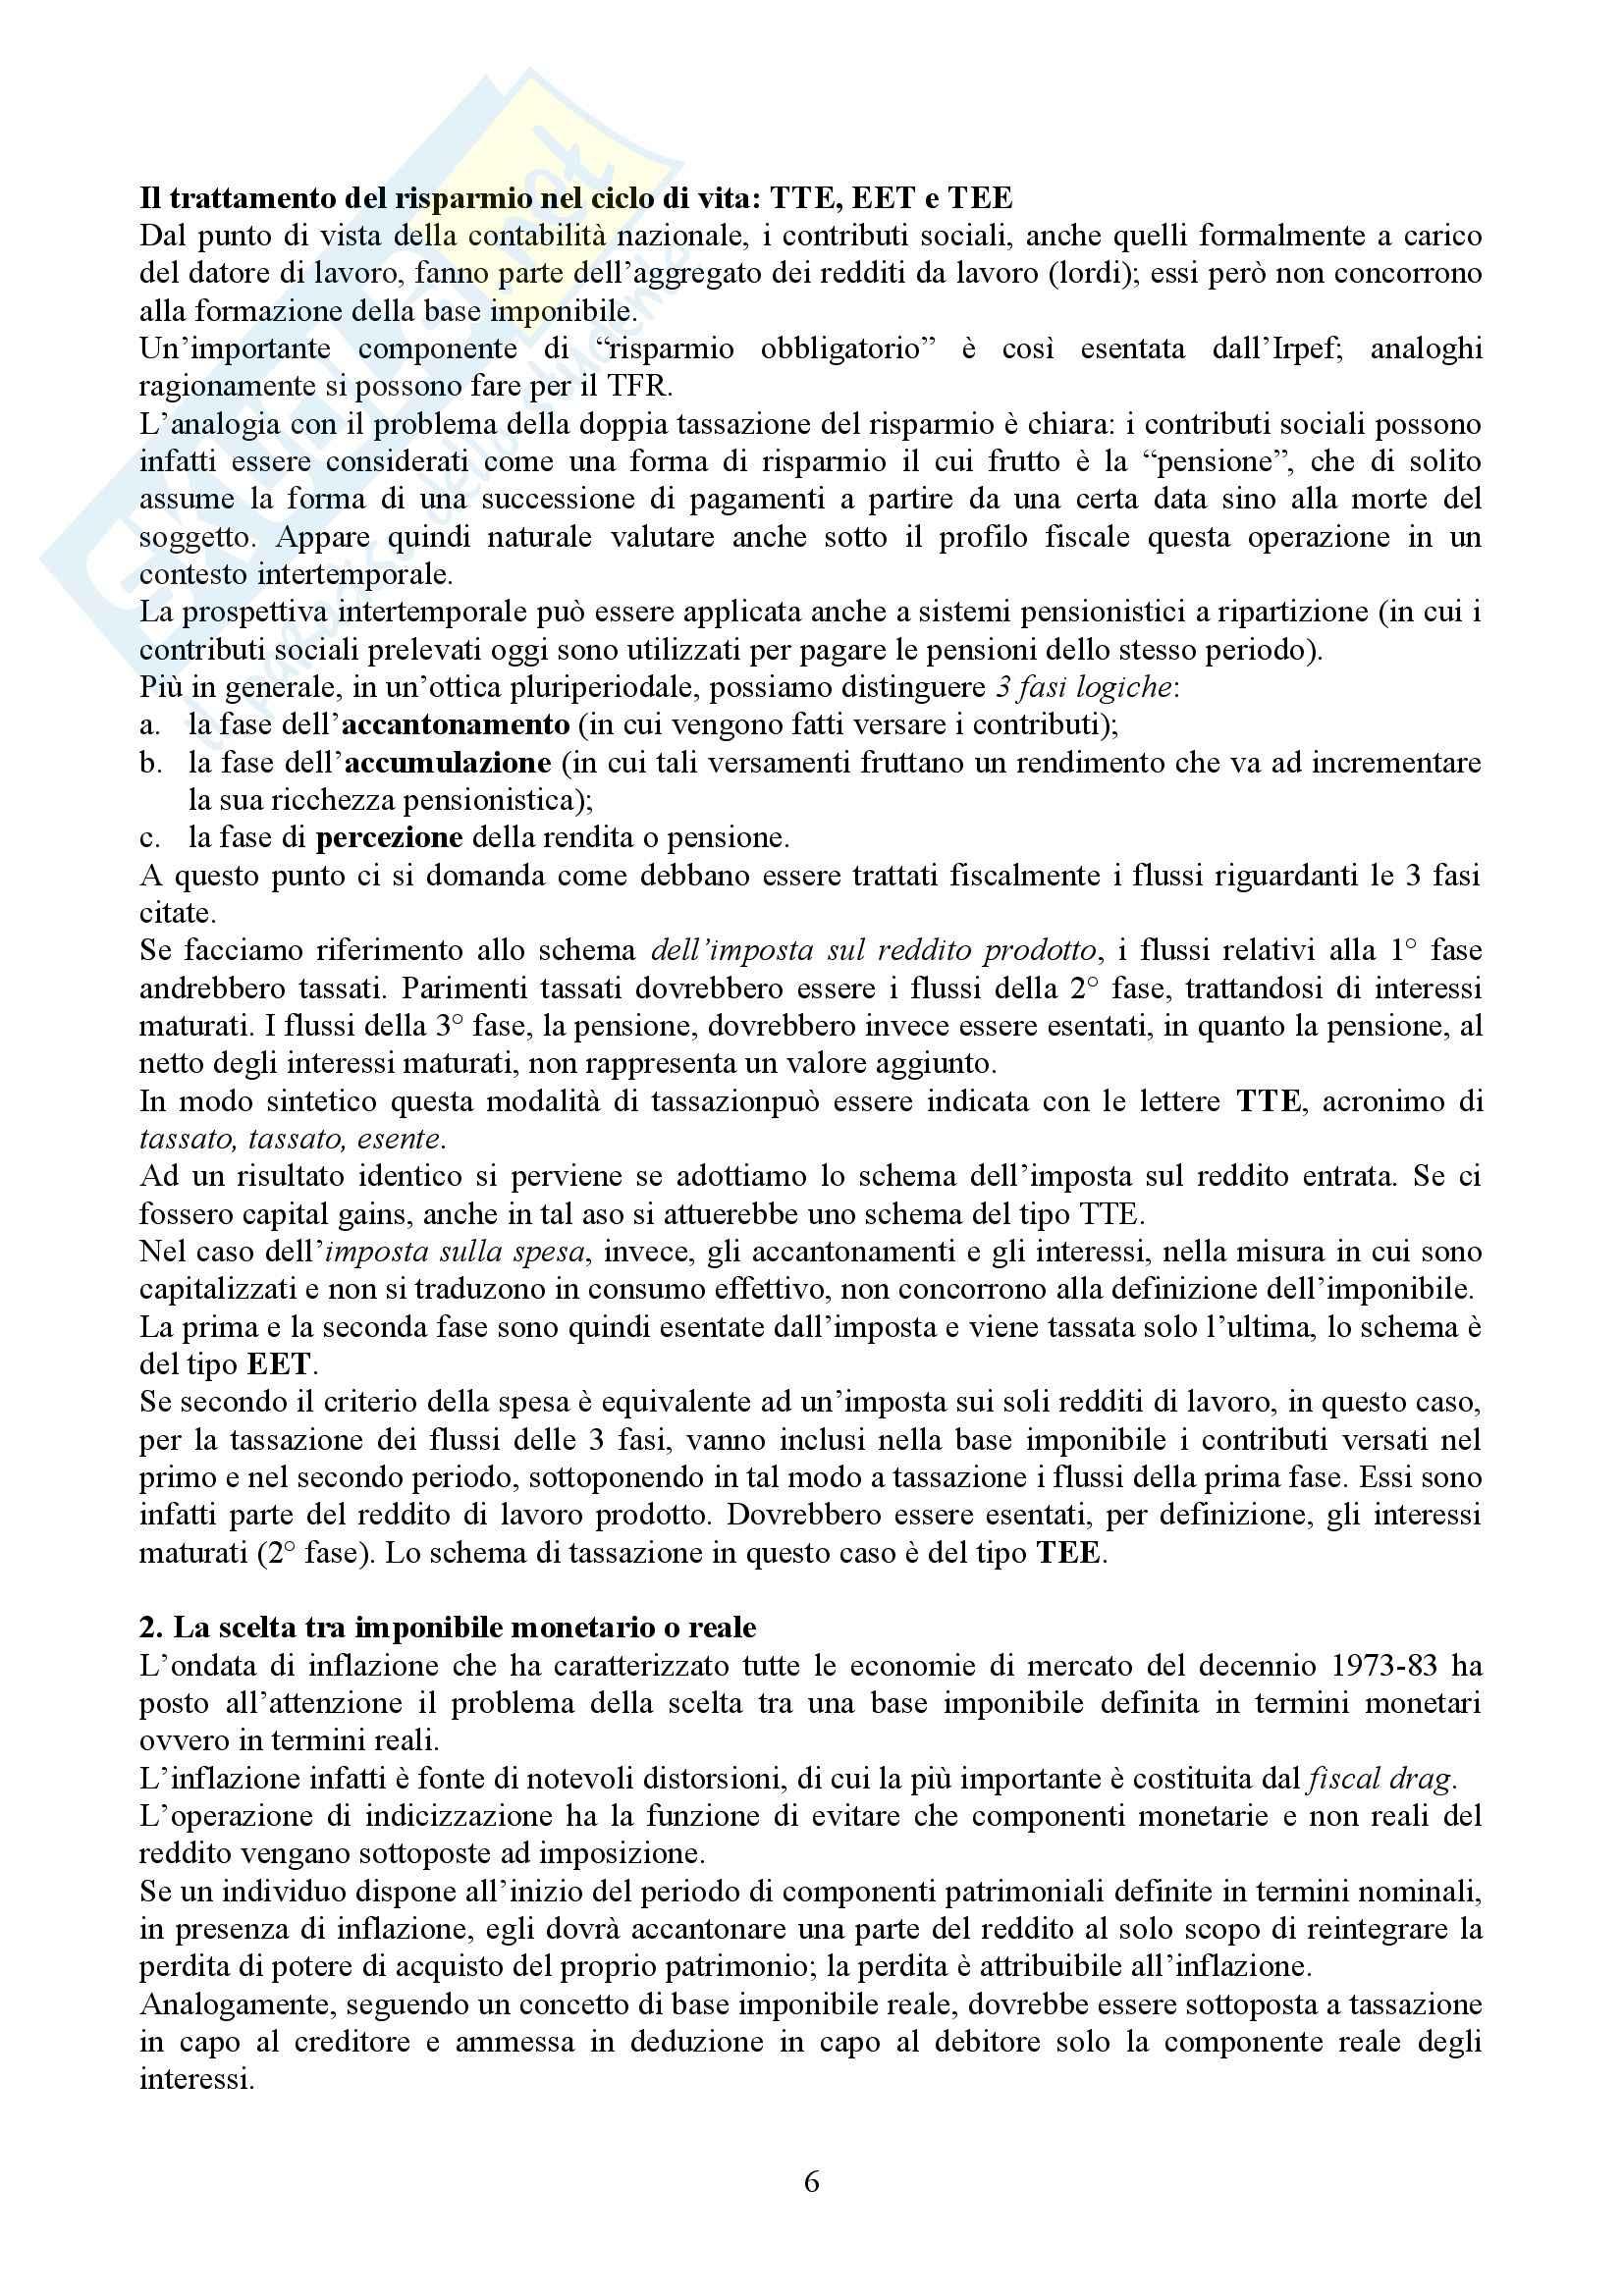 Tributi nell'economia italiana, Bosi, Guerra - Appunti Pag. 6